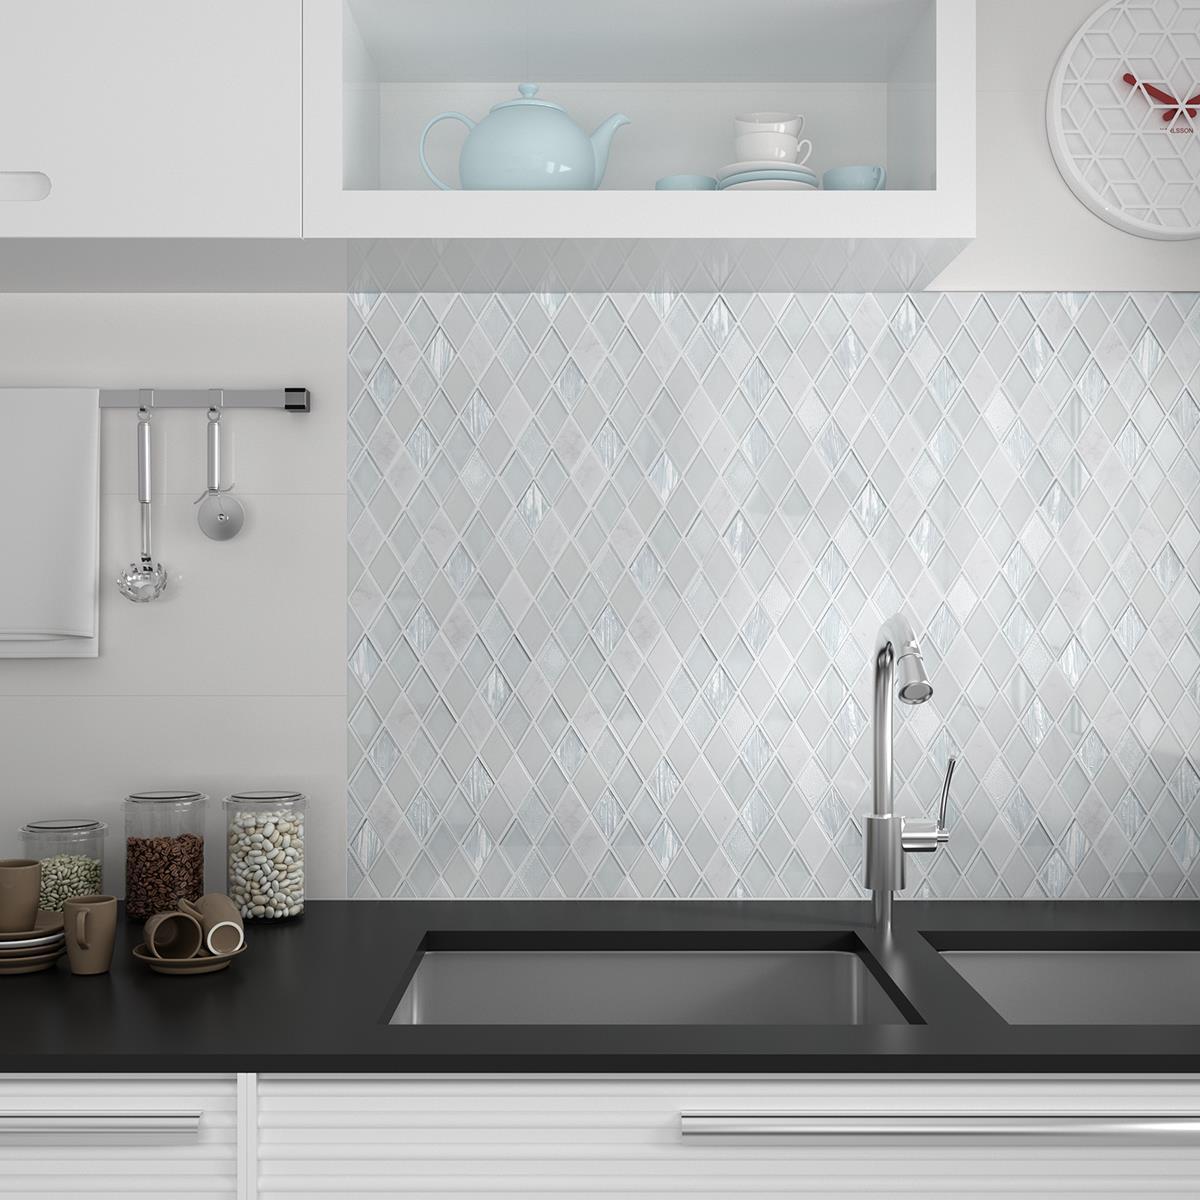 render-3d-de-mosaico-ceramico-para-cocina